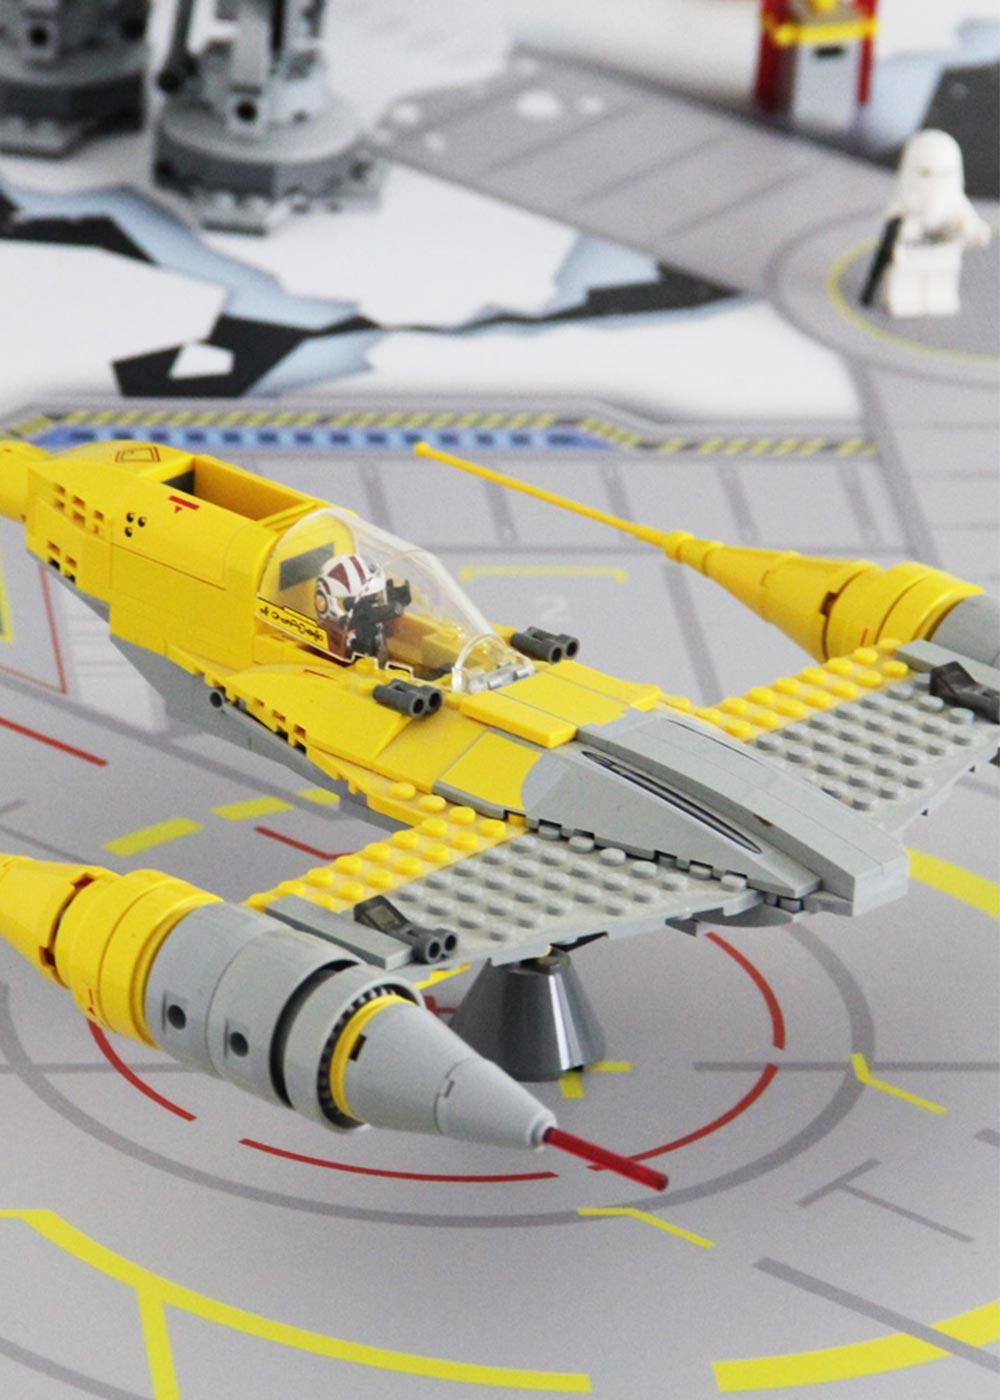 Ikea Lack Beistelltisch Weltraum Teilansicht Raumschiff